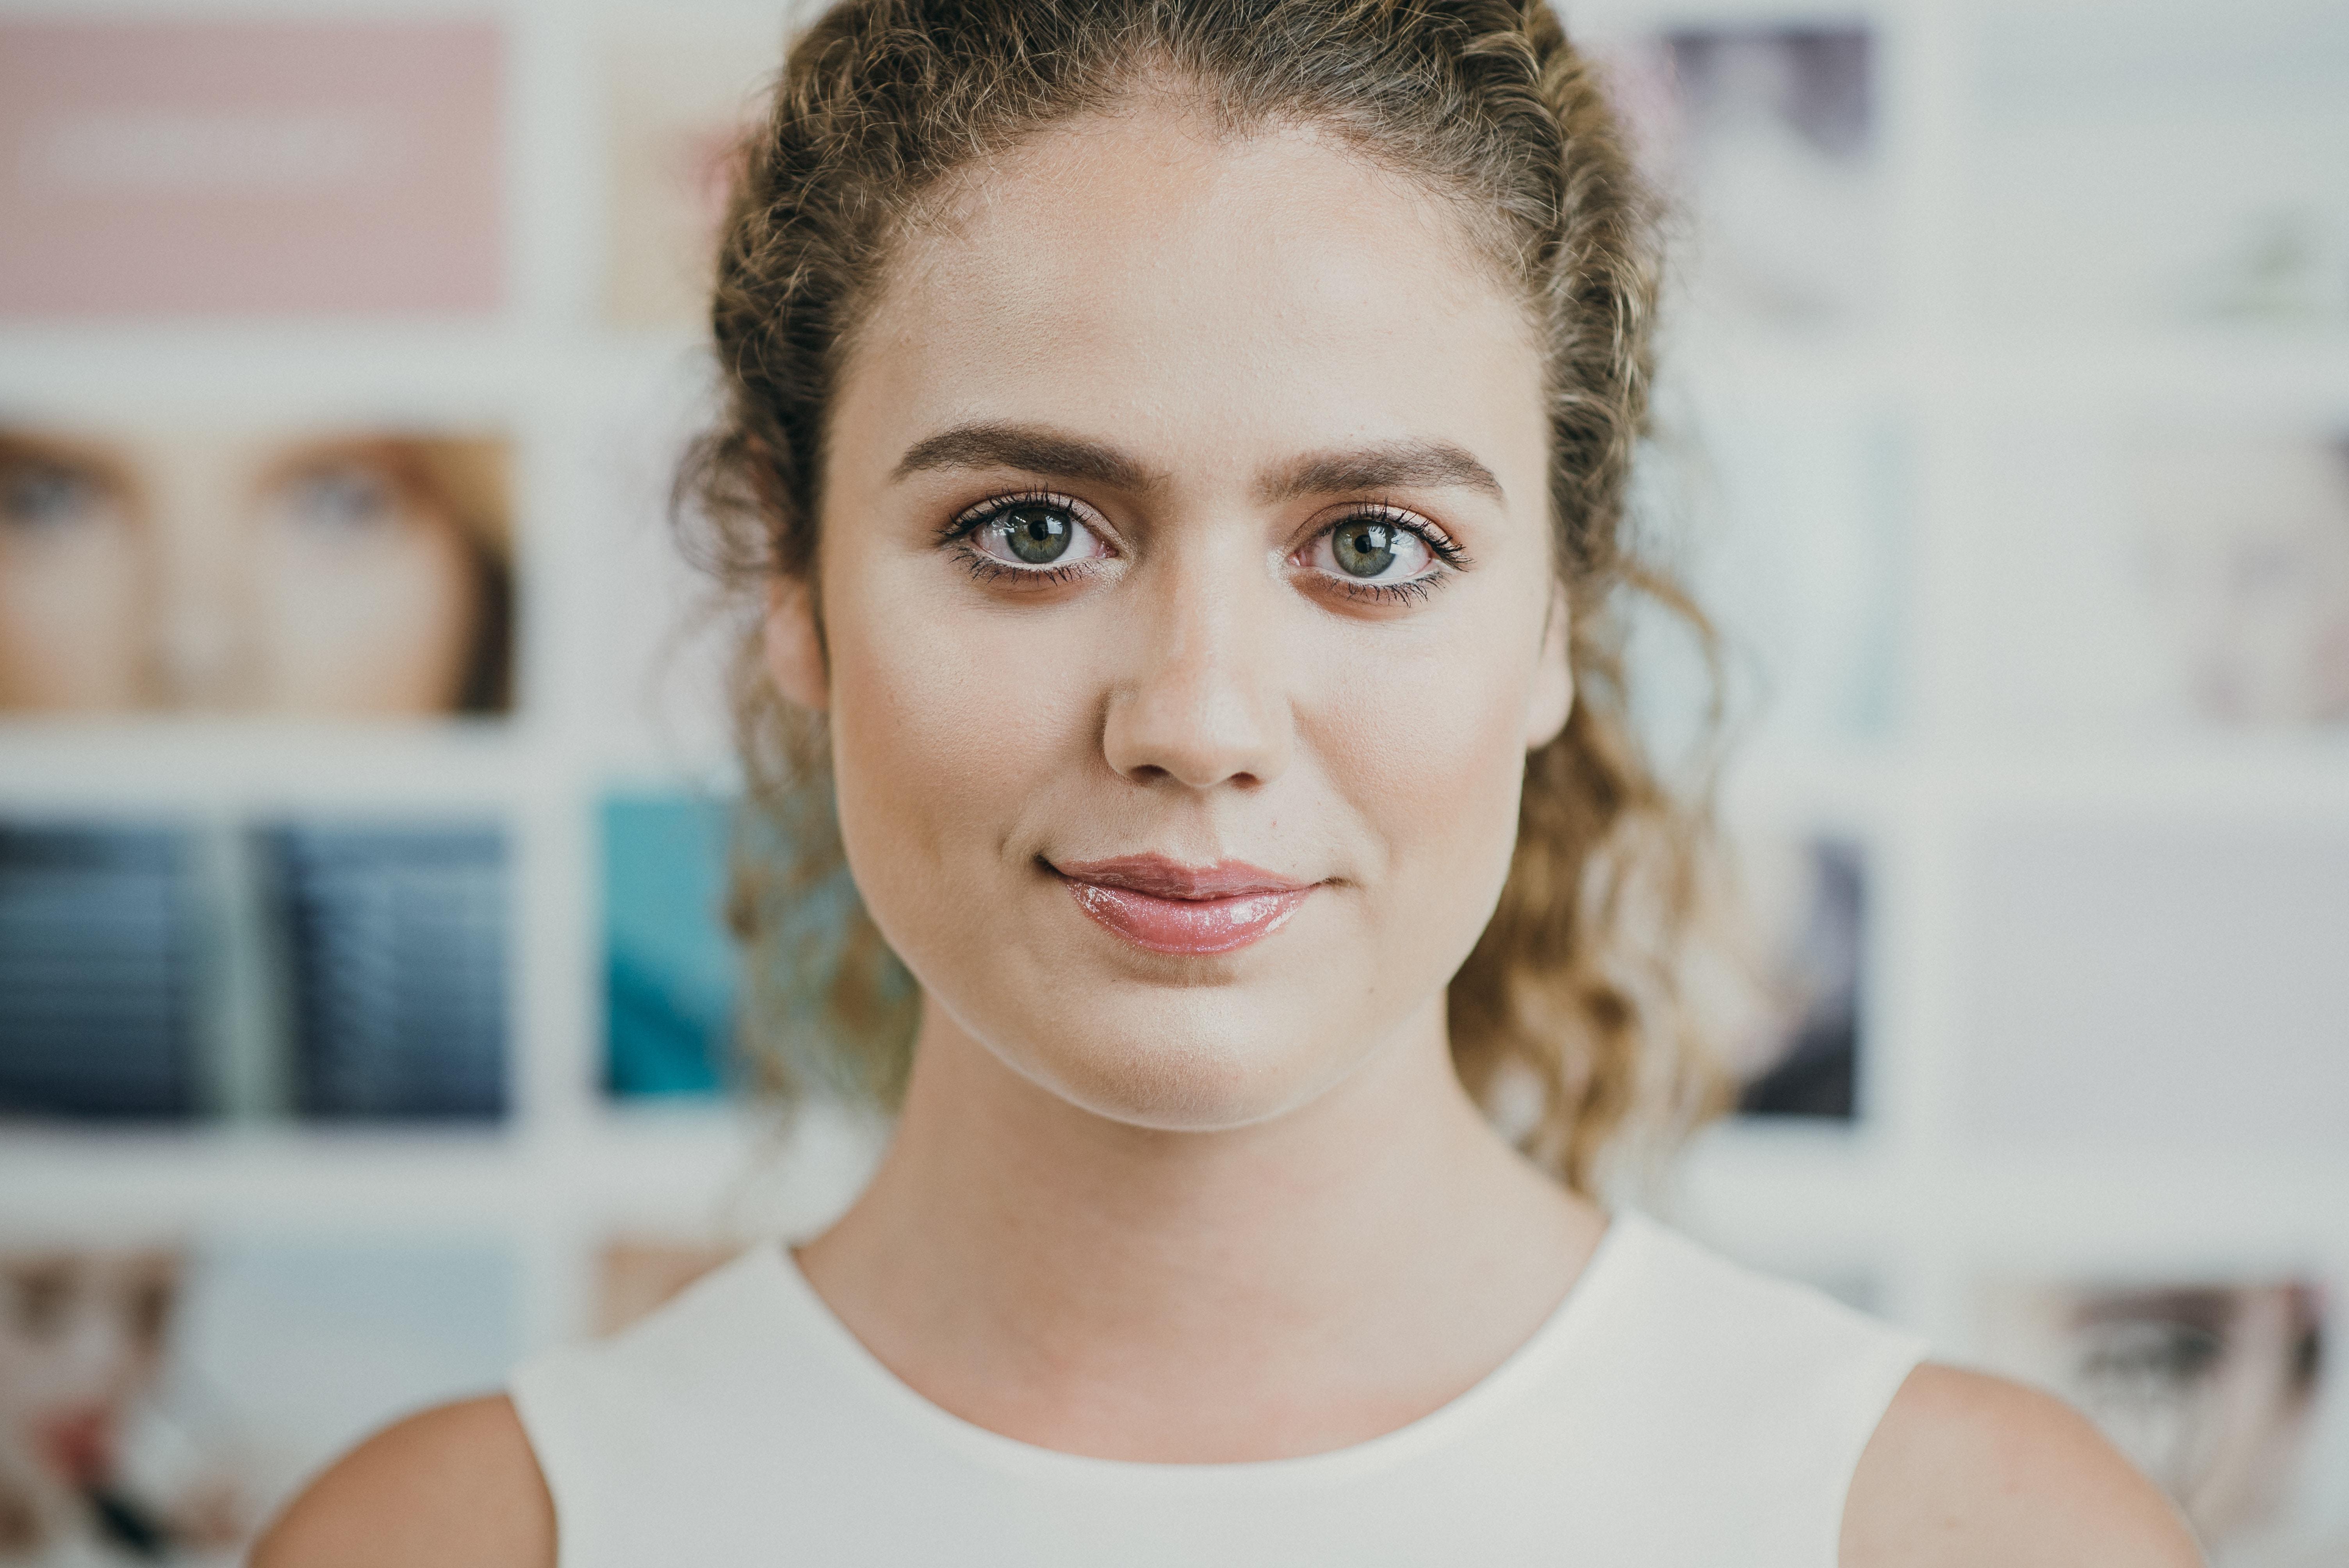 Hôtesse souriante sélectionnée pour assurer l'accueil et l'animation commerciale lors d'un évènement accompagné par Manala